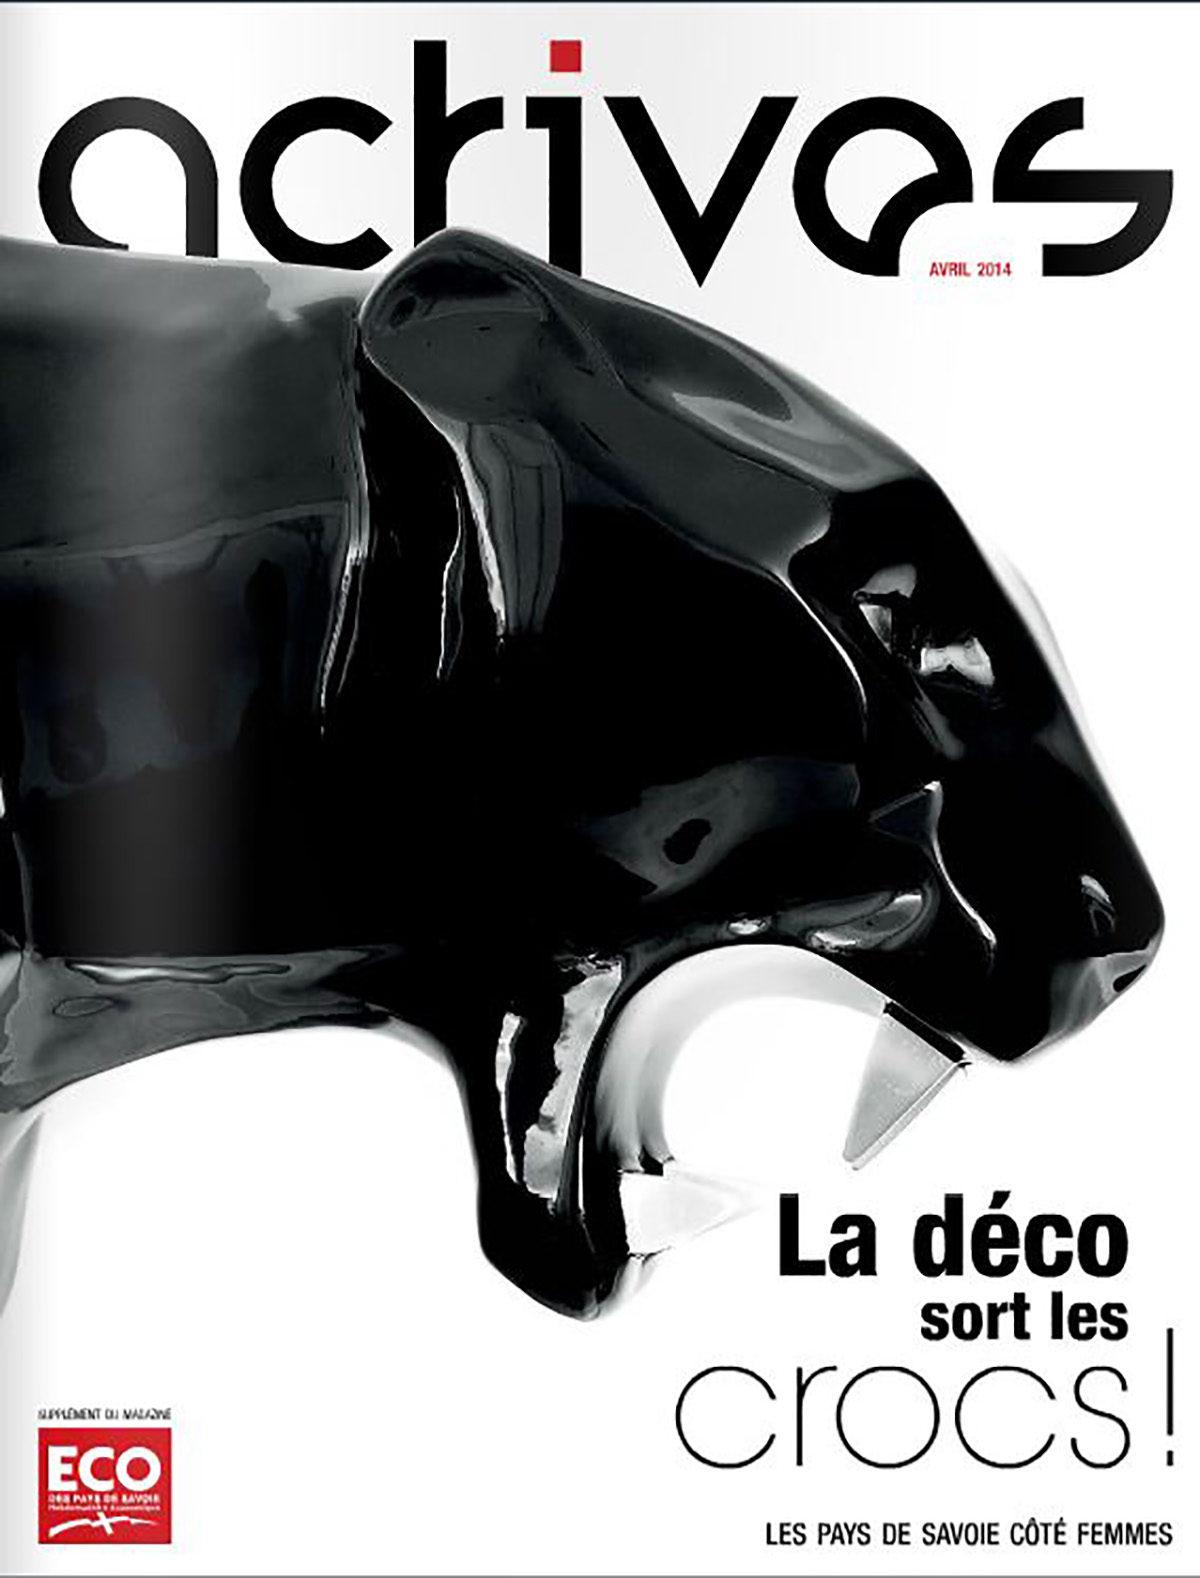 Parution presse ACTIVES 2014 Claude Cartier décoration architecte d'intérieur à Lyon.